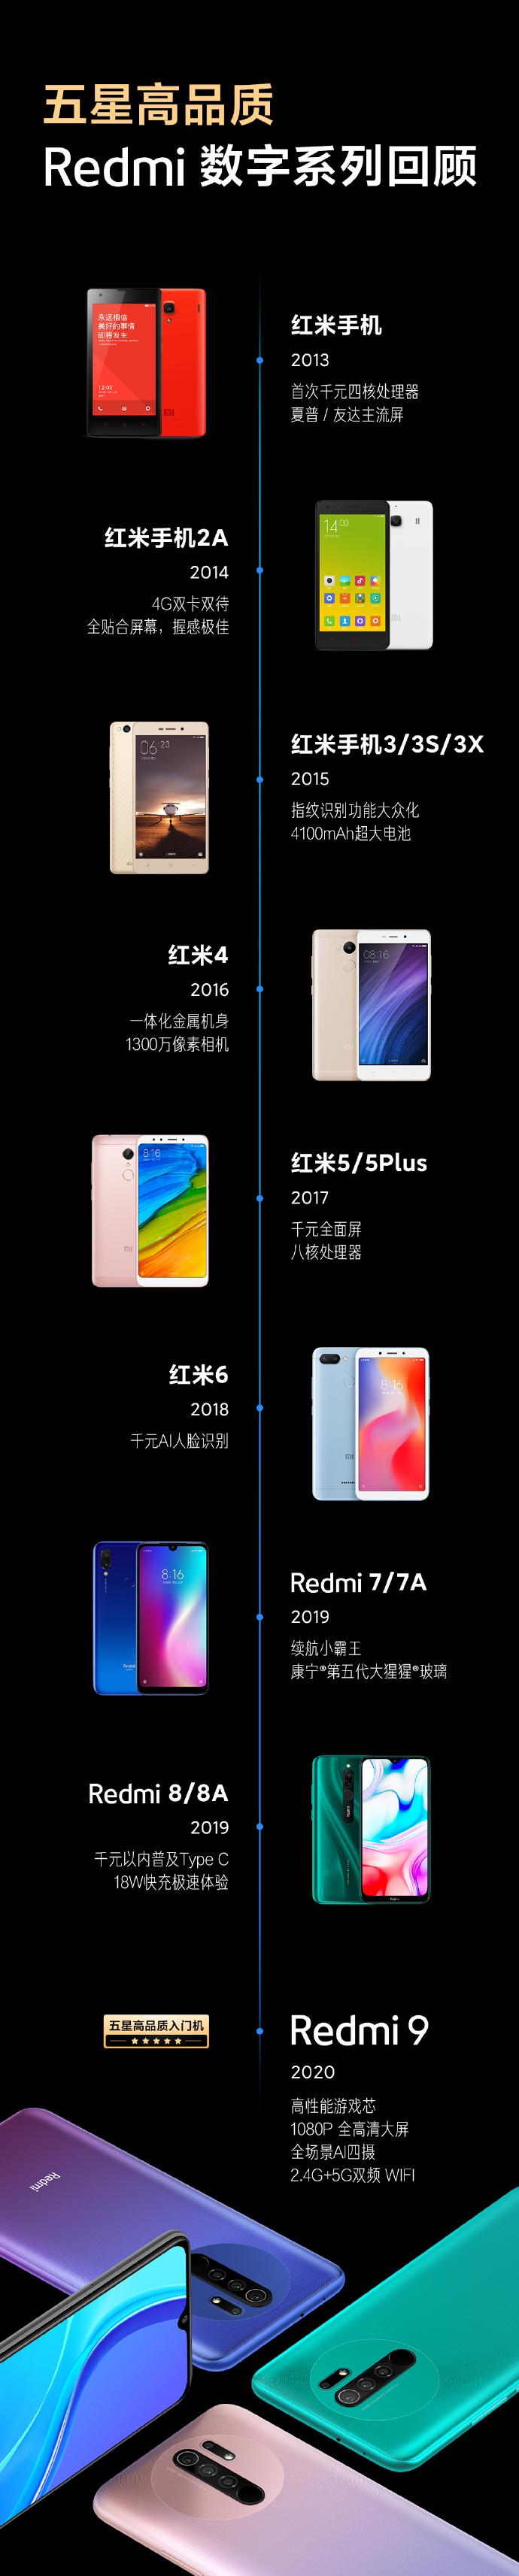 Redmi数字系列智能手机回顾-玩懂手机网 - 玩懂手机第一手的手机资讯网(www.wdshouji.com)